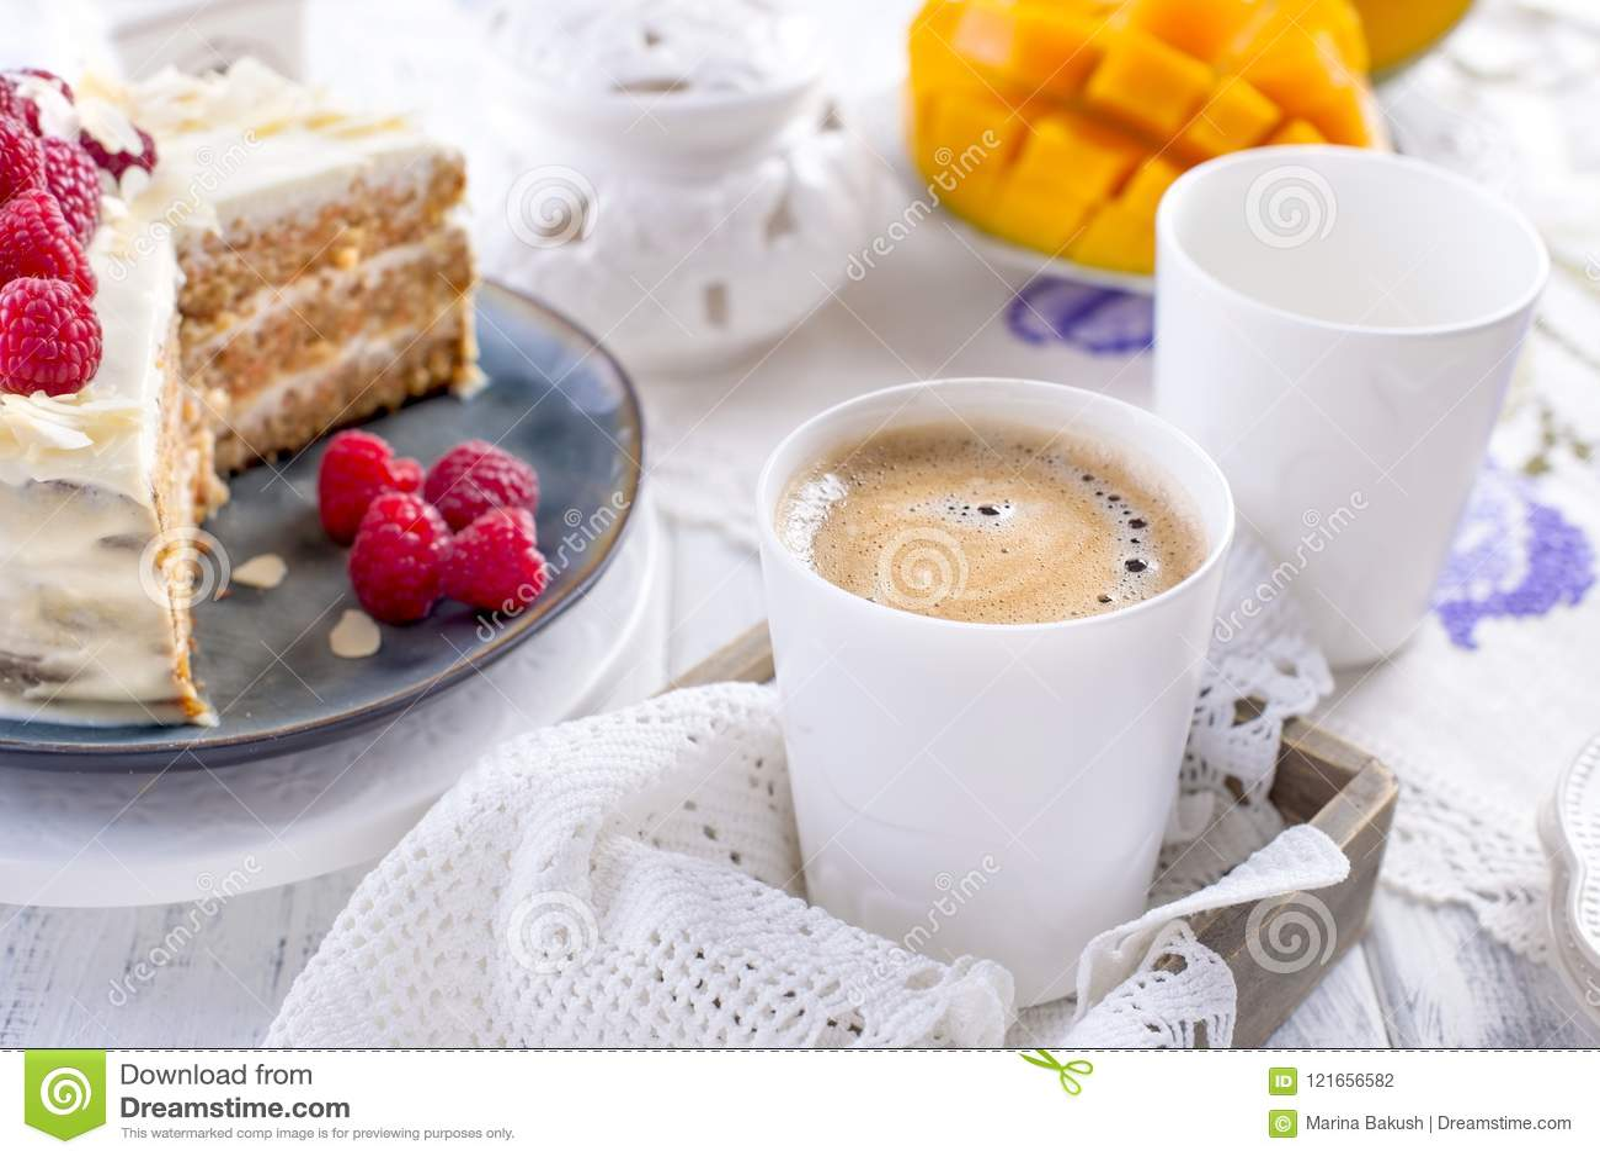 Snijd de cake met witte room, voor het fruit van de ontbijta mango Witte achtergrond, tafelkleed met kant, een kop van koffie en